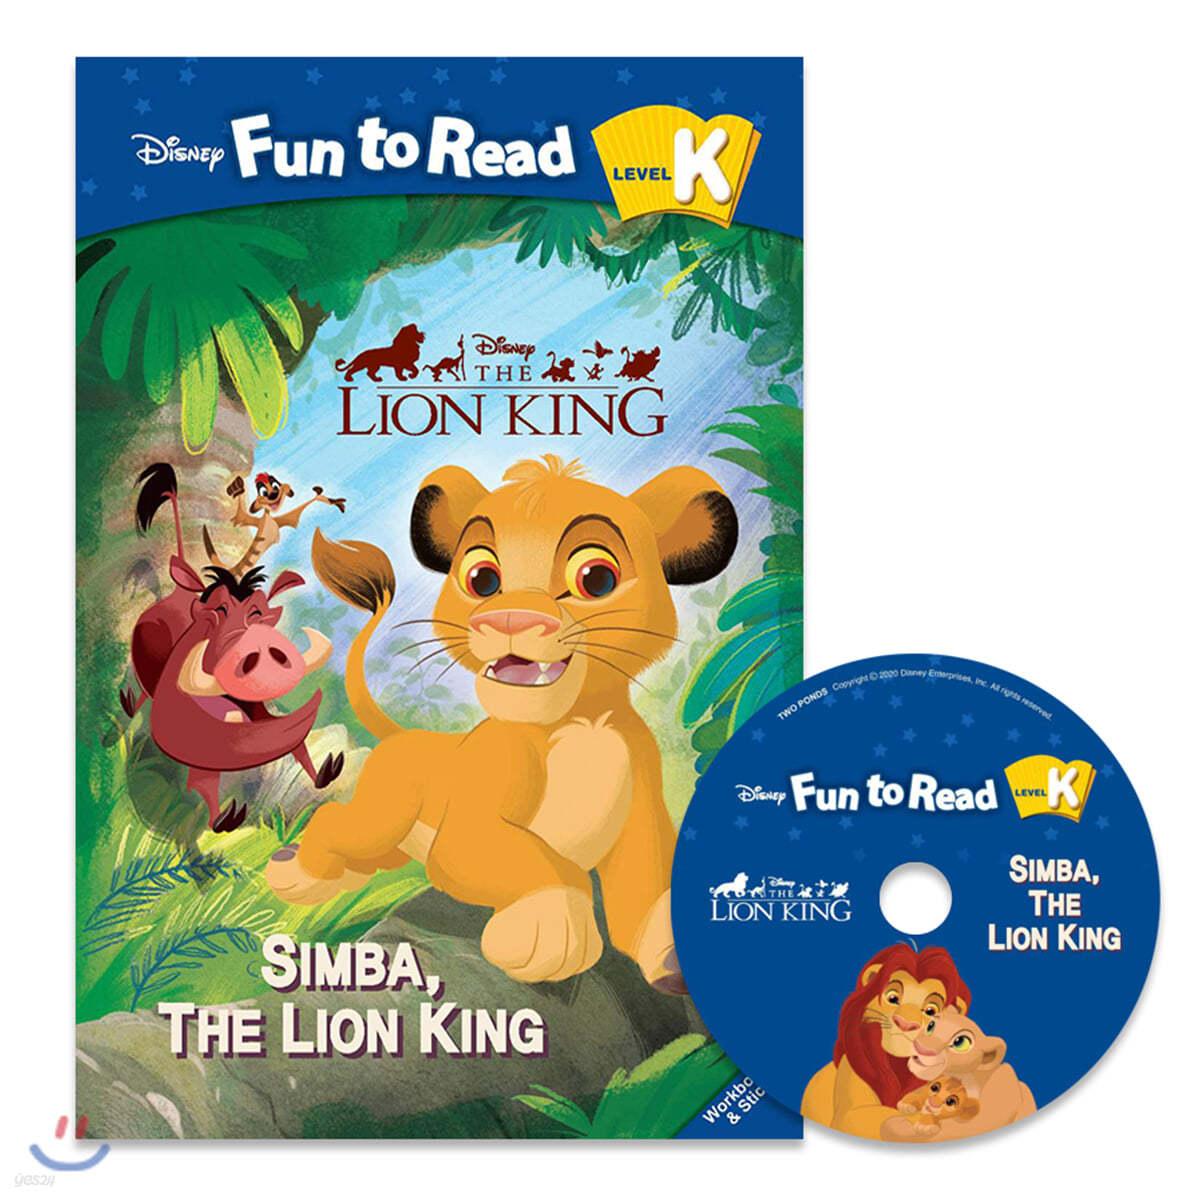 Disney Fun to Read Set K-12 /Simba, the Lion King (Lion King)